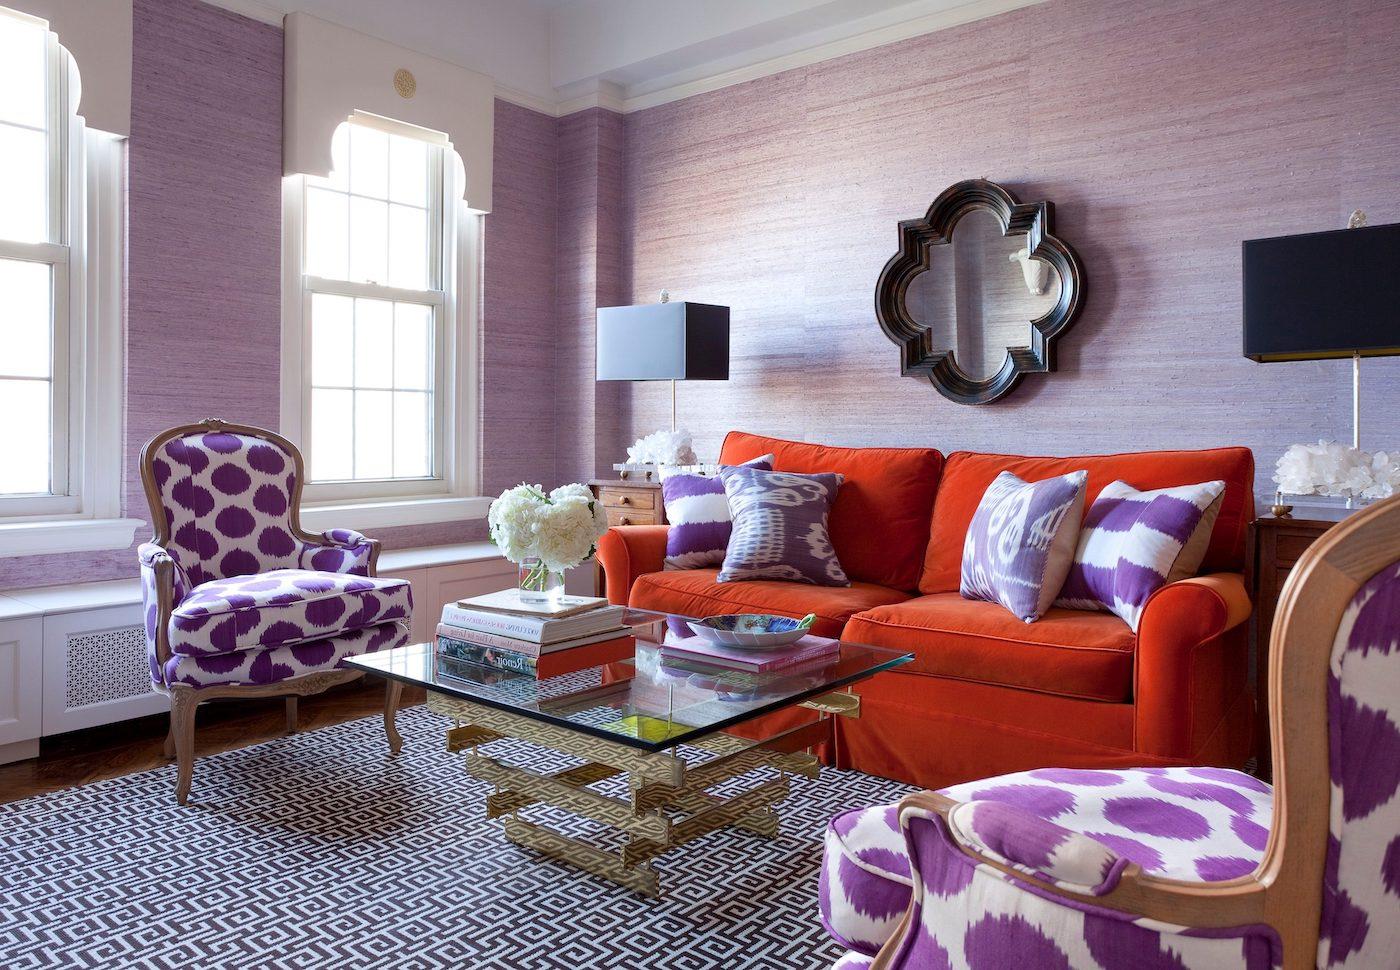 couleur violette à l'intérieur photo 24